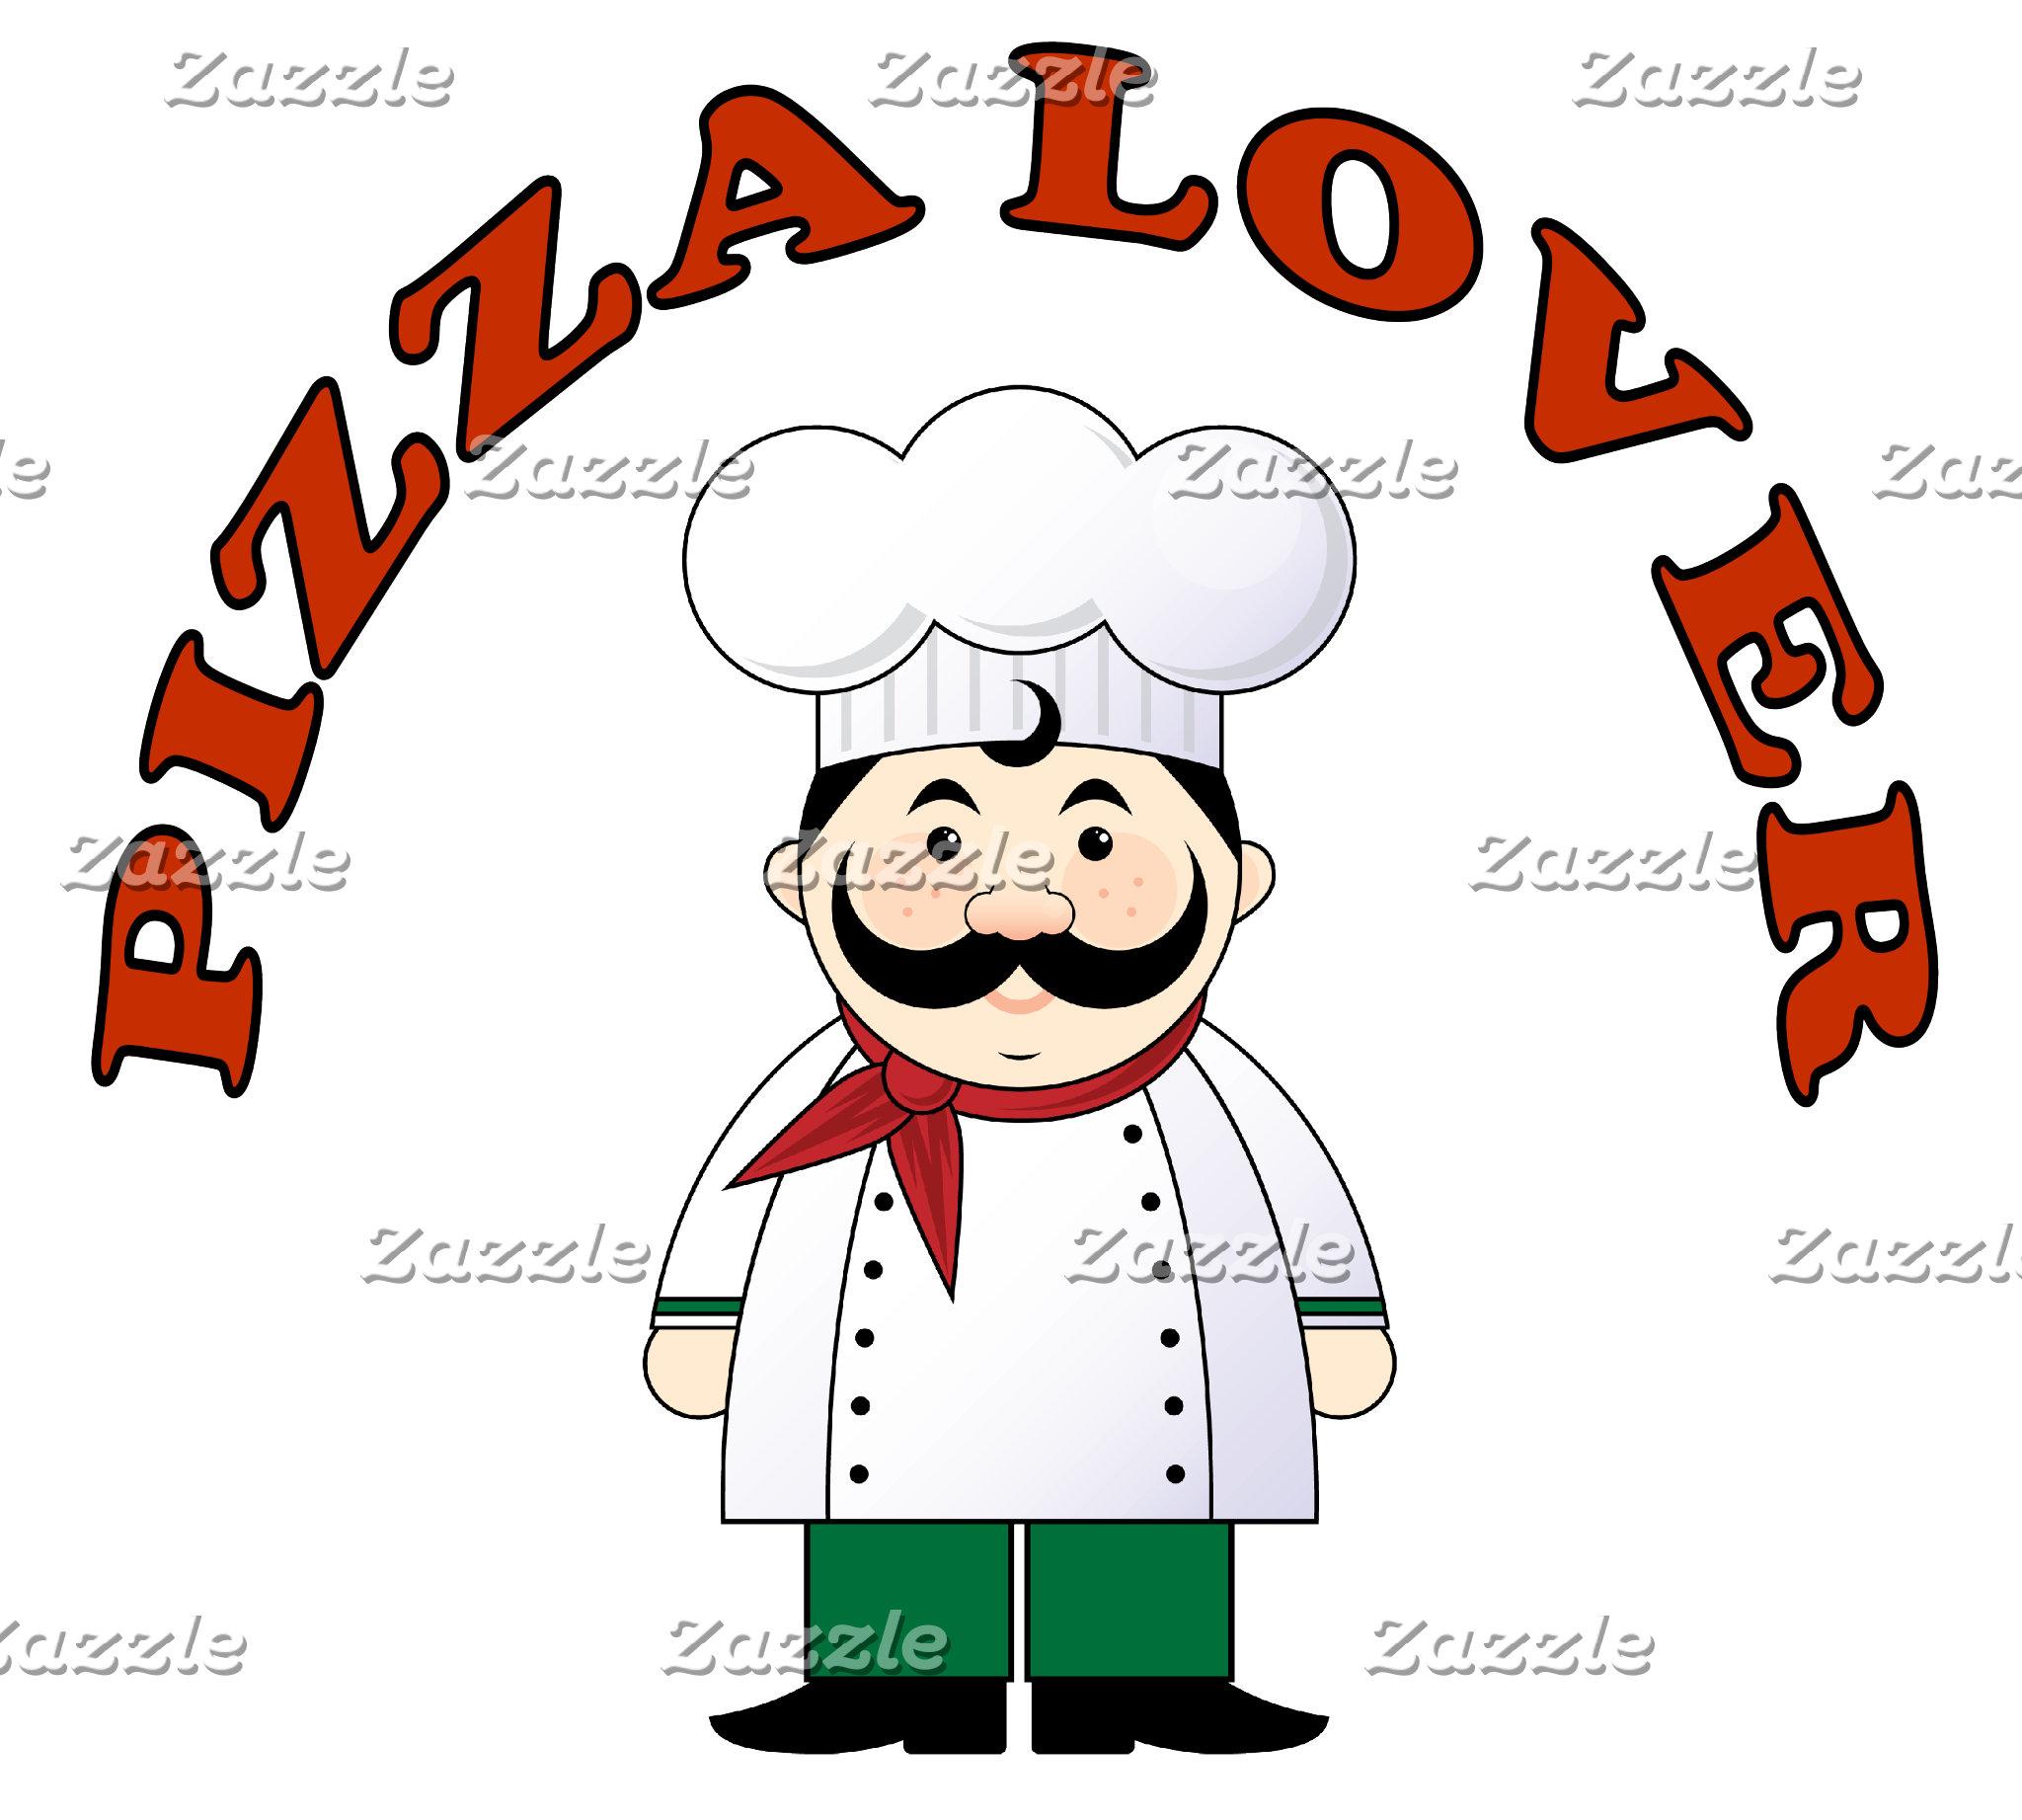 Chef - Pizza